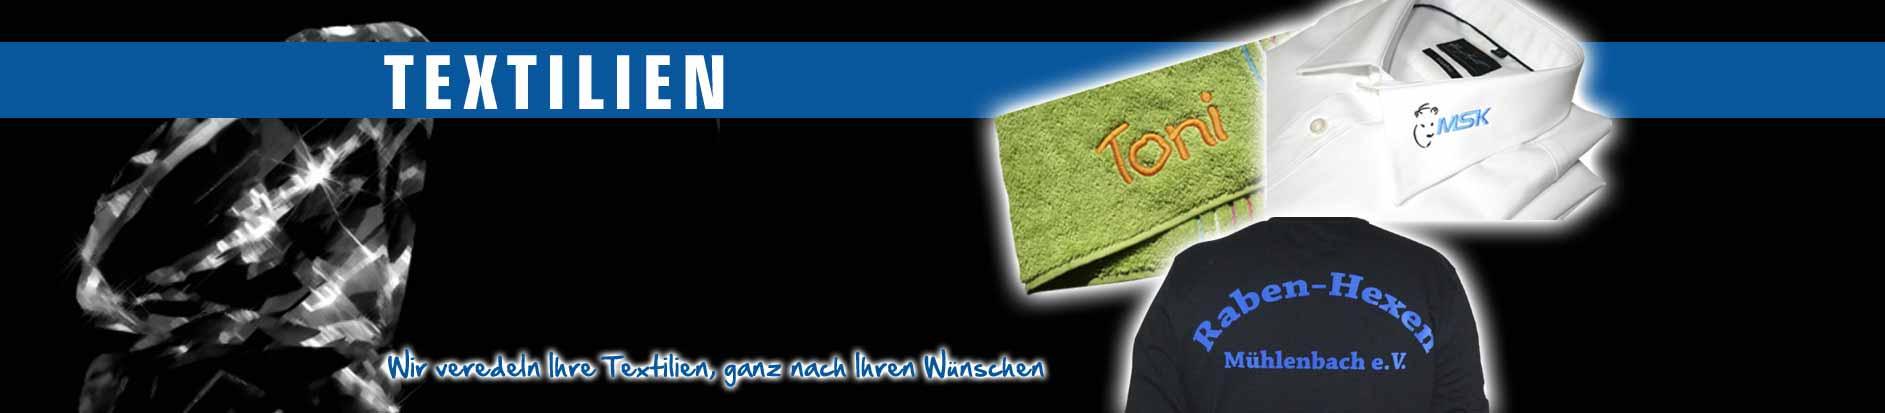 Slider Textilien